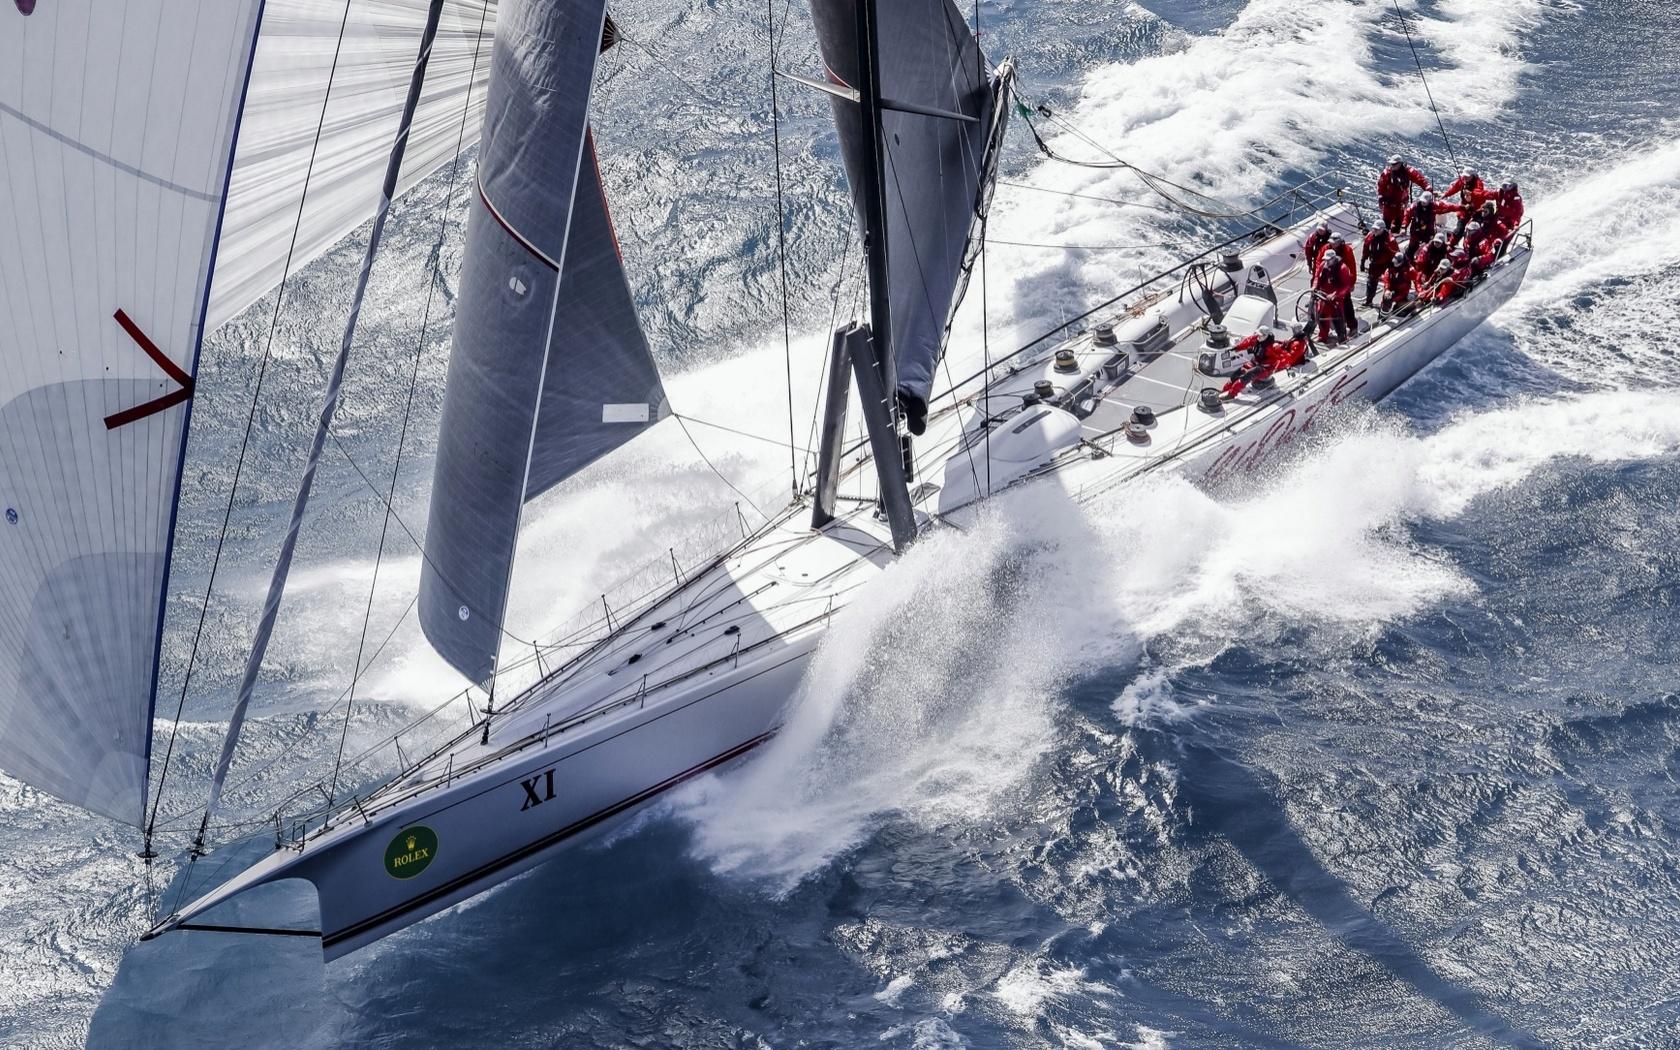 море, яхта, команда rolex